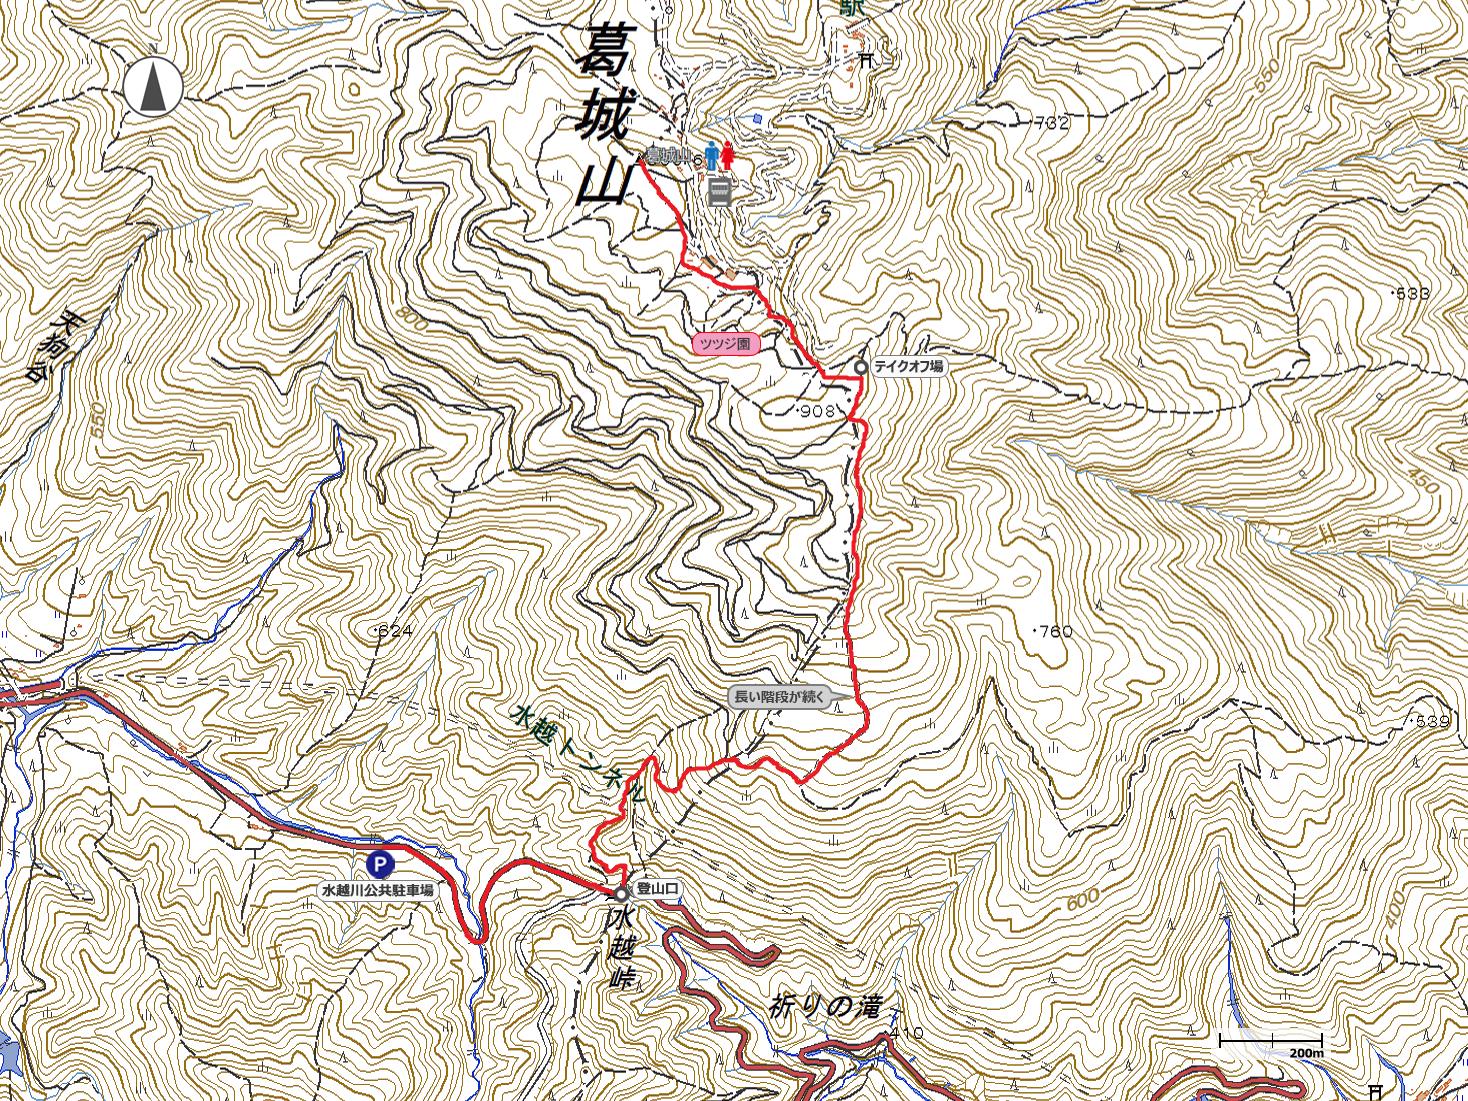 大和葛城山地図